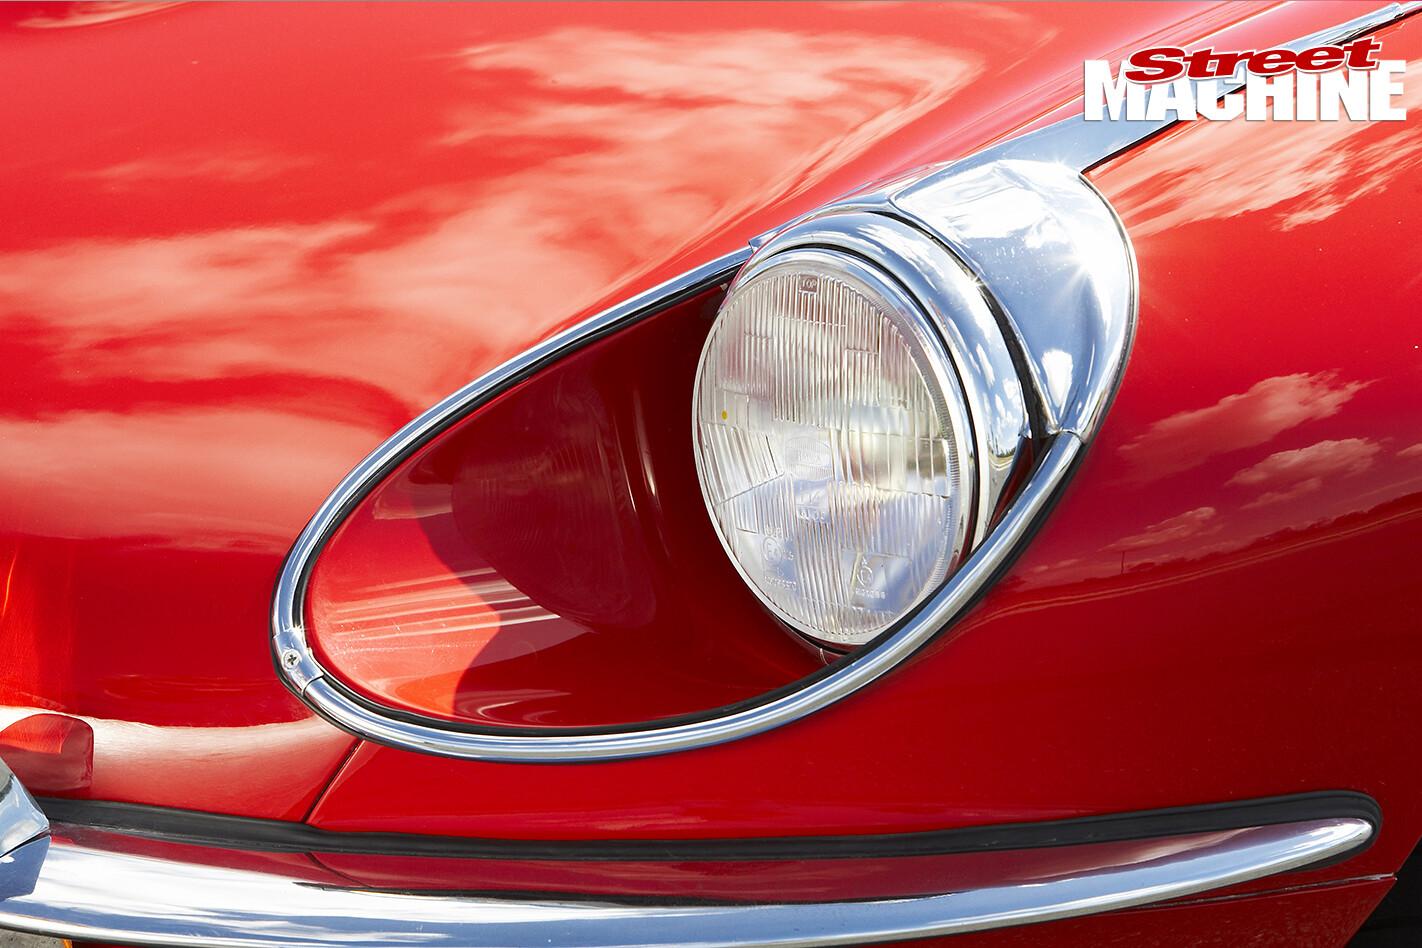 E-type -Jaguar -headlight